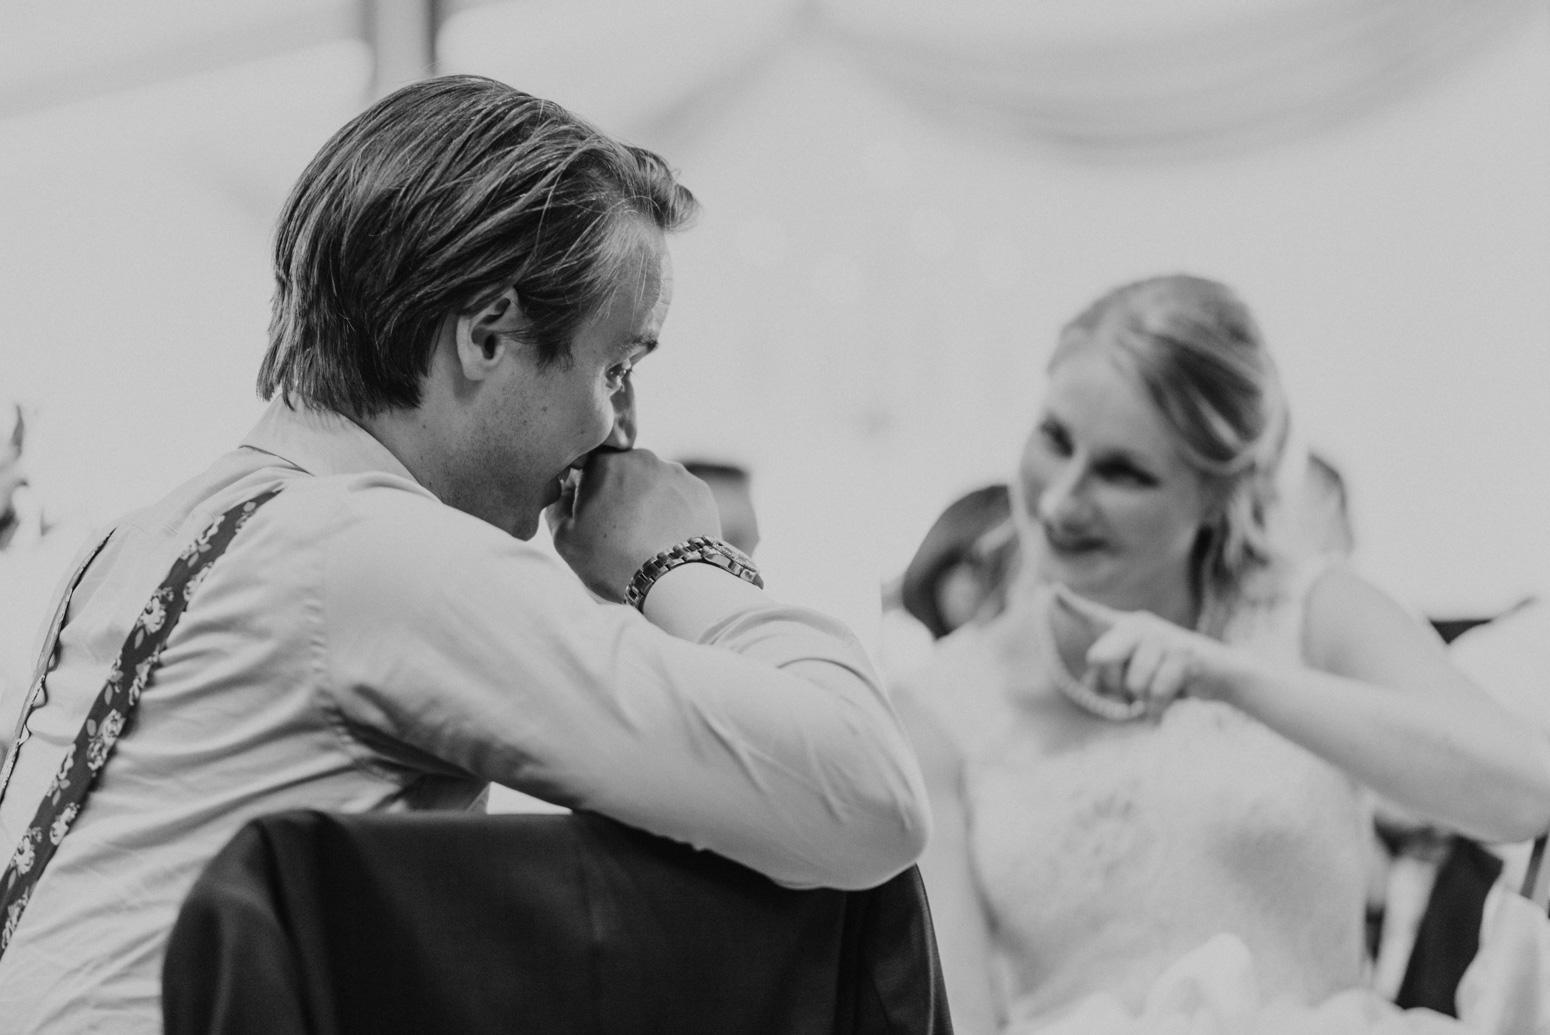 Hochzeitsreportage von Daria Becker von Genuine Bonds, Hochzeitsfotografie Köln Bonn